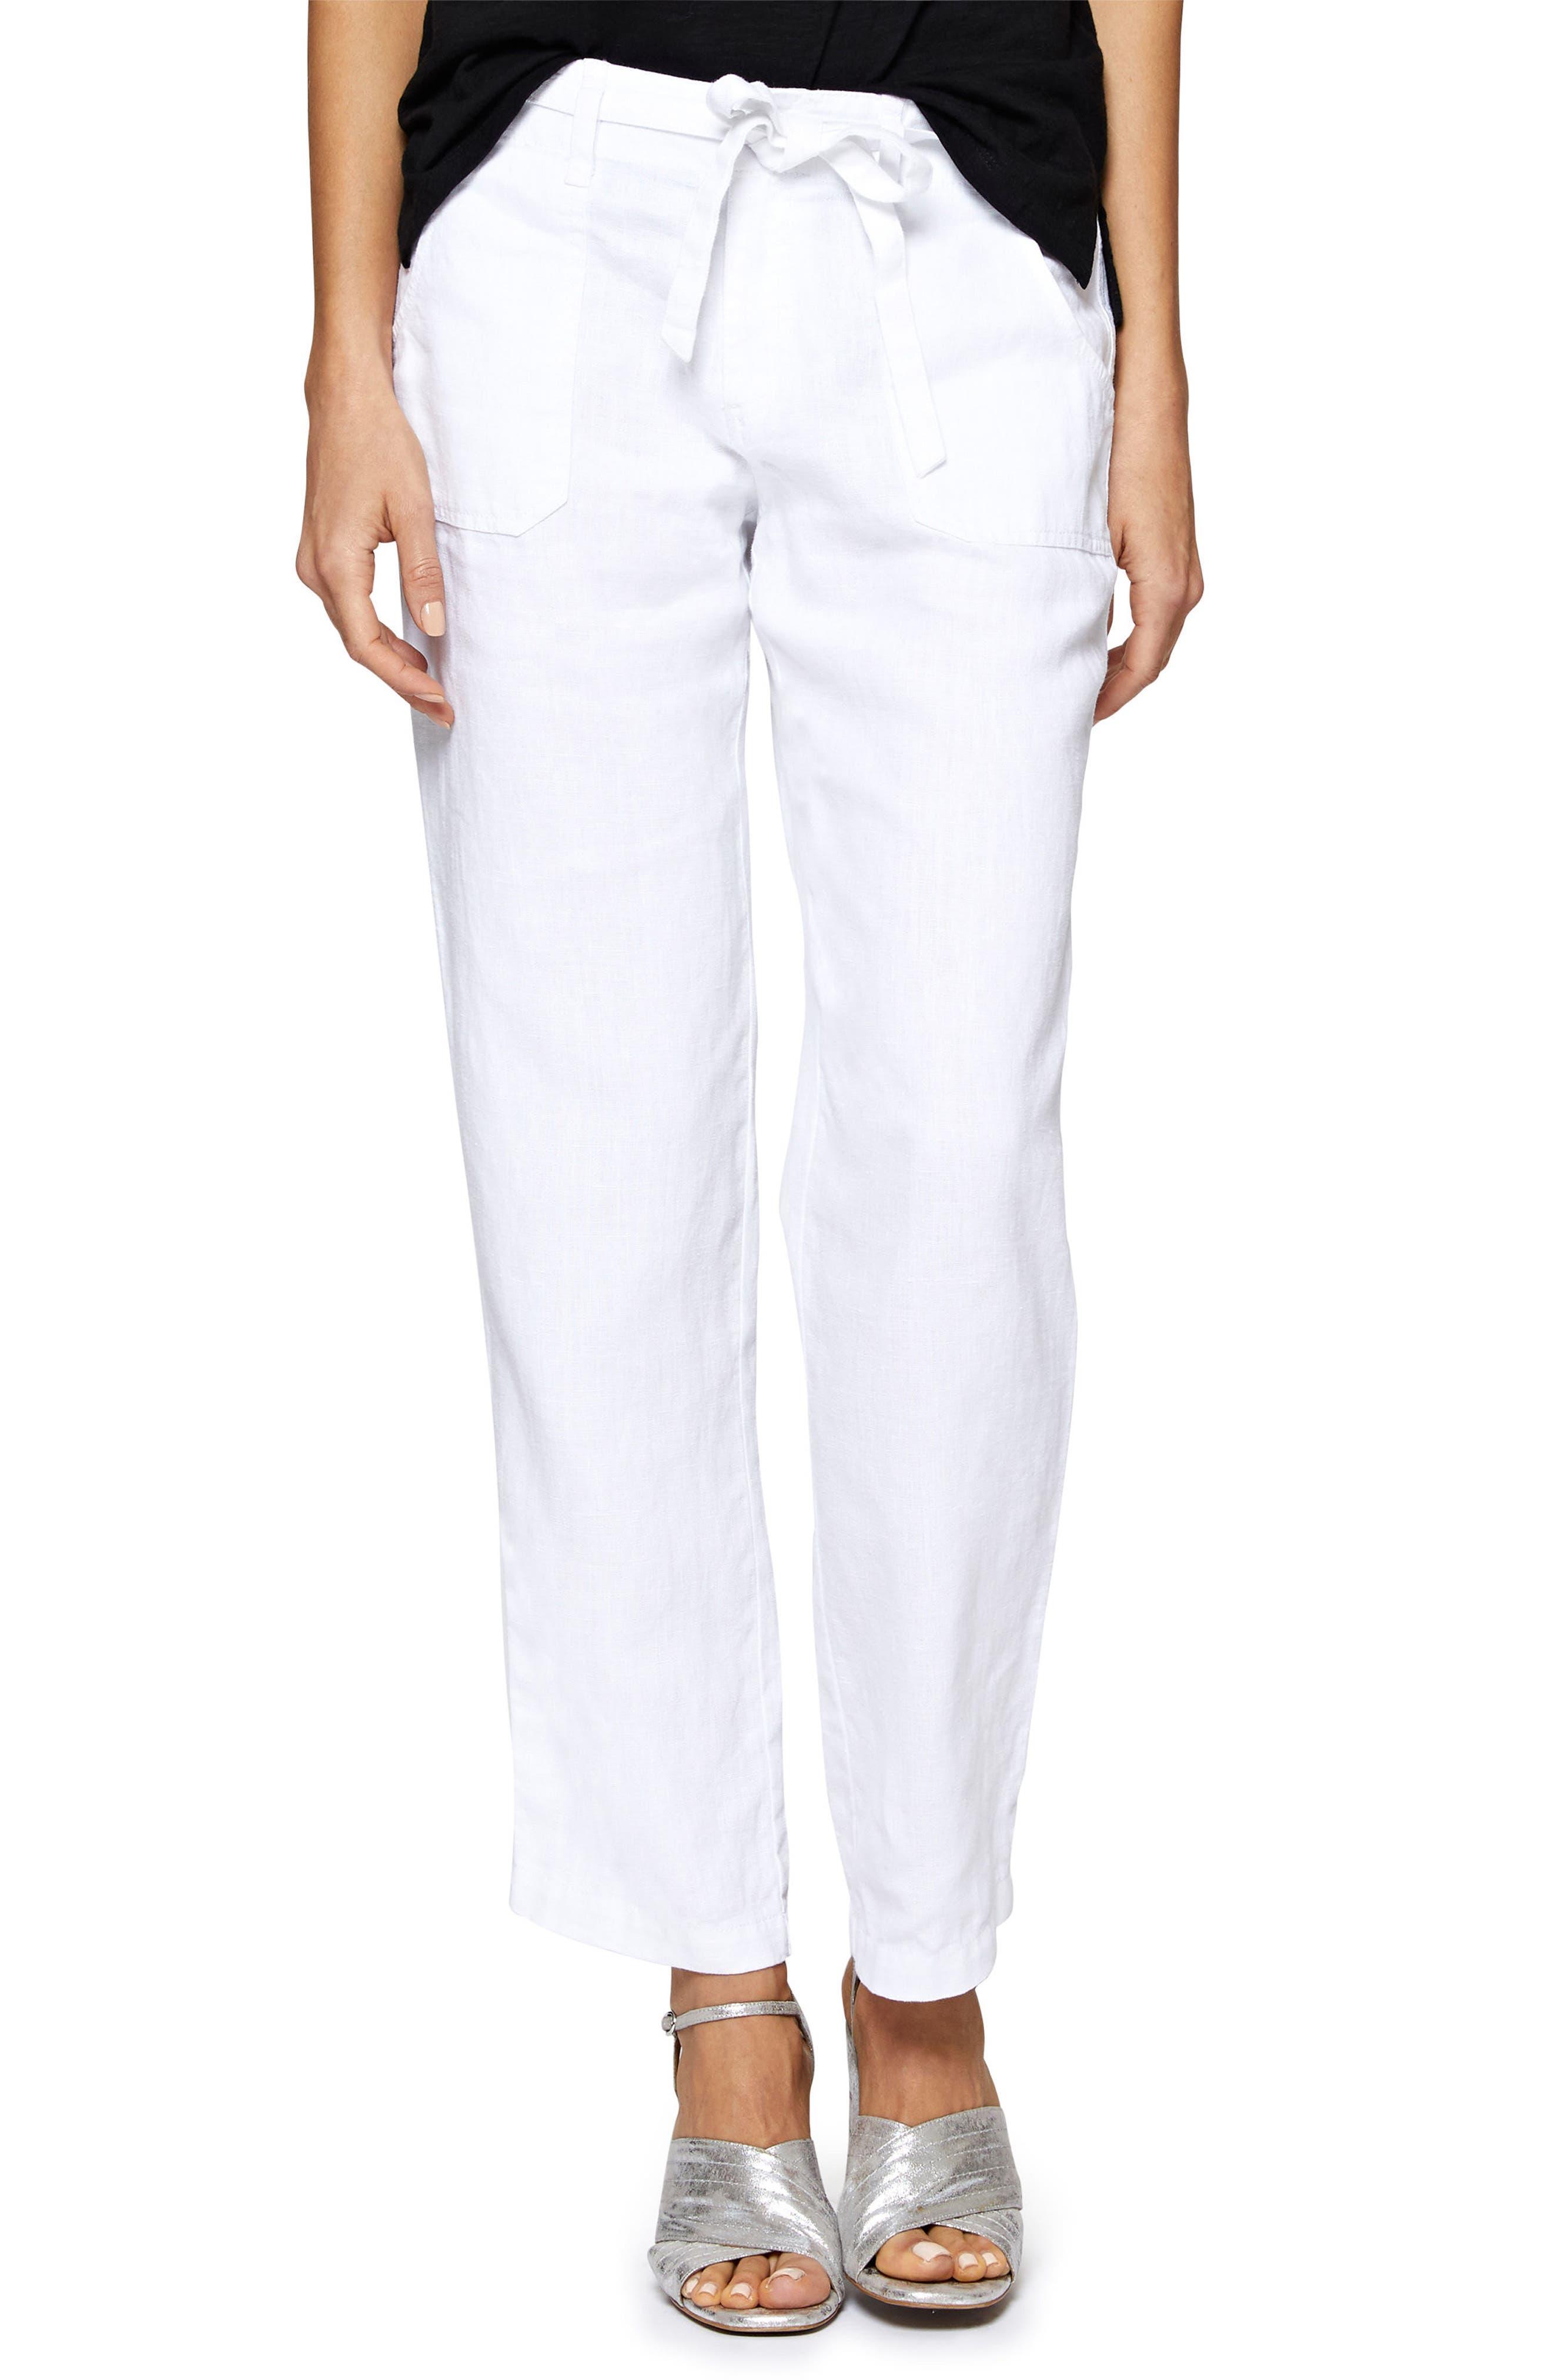 Beachcomber Linen Pants,                         Main,                         color, White